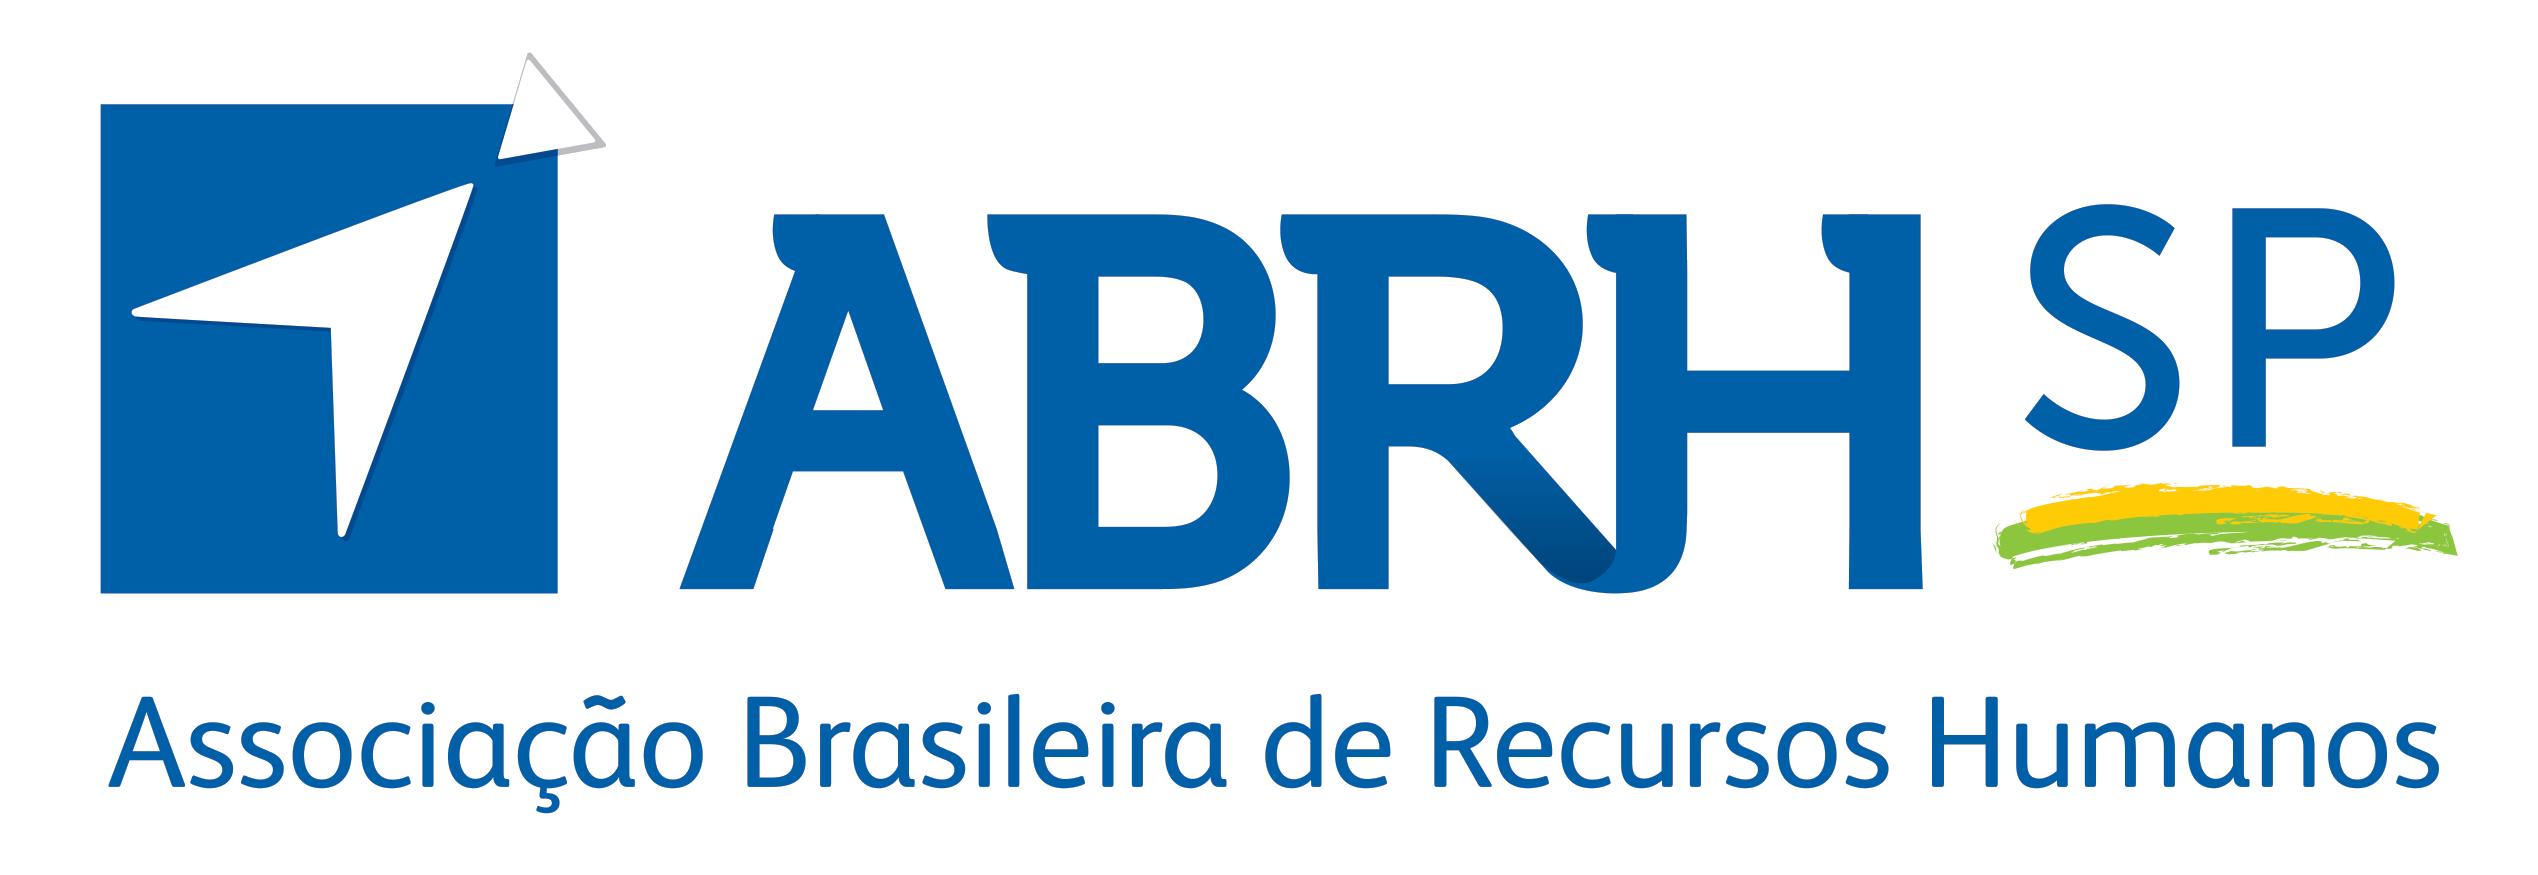 ABRH SP